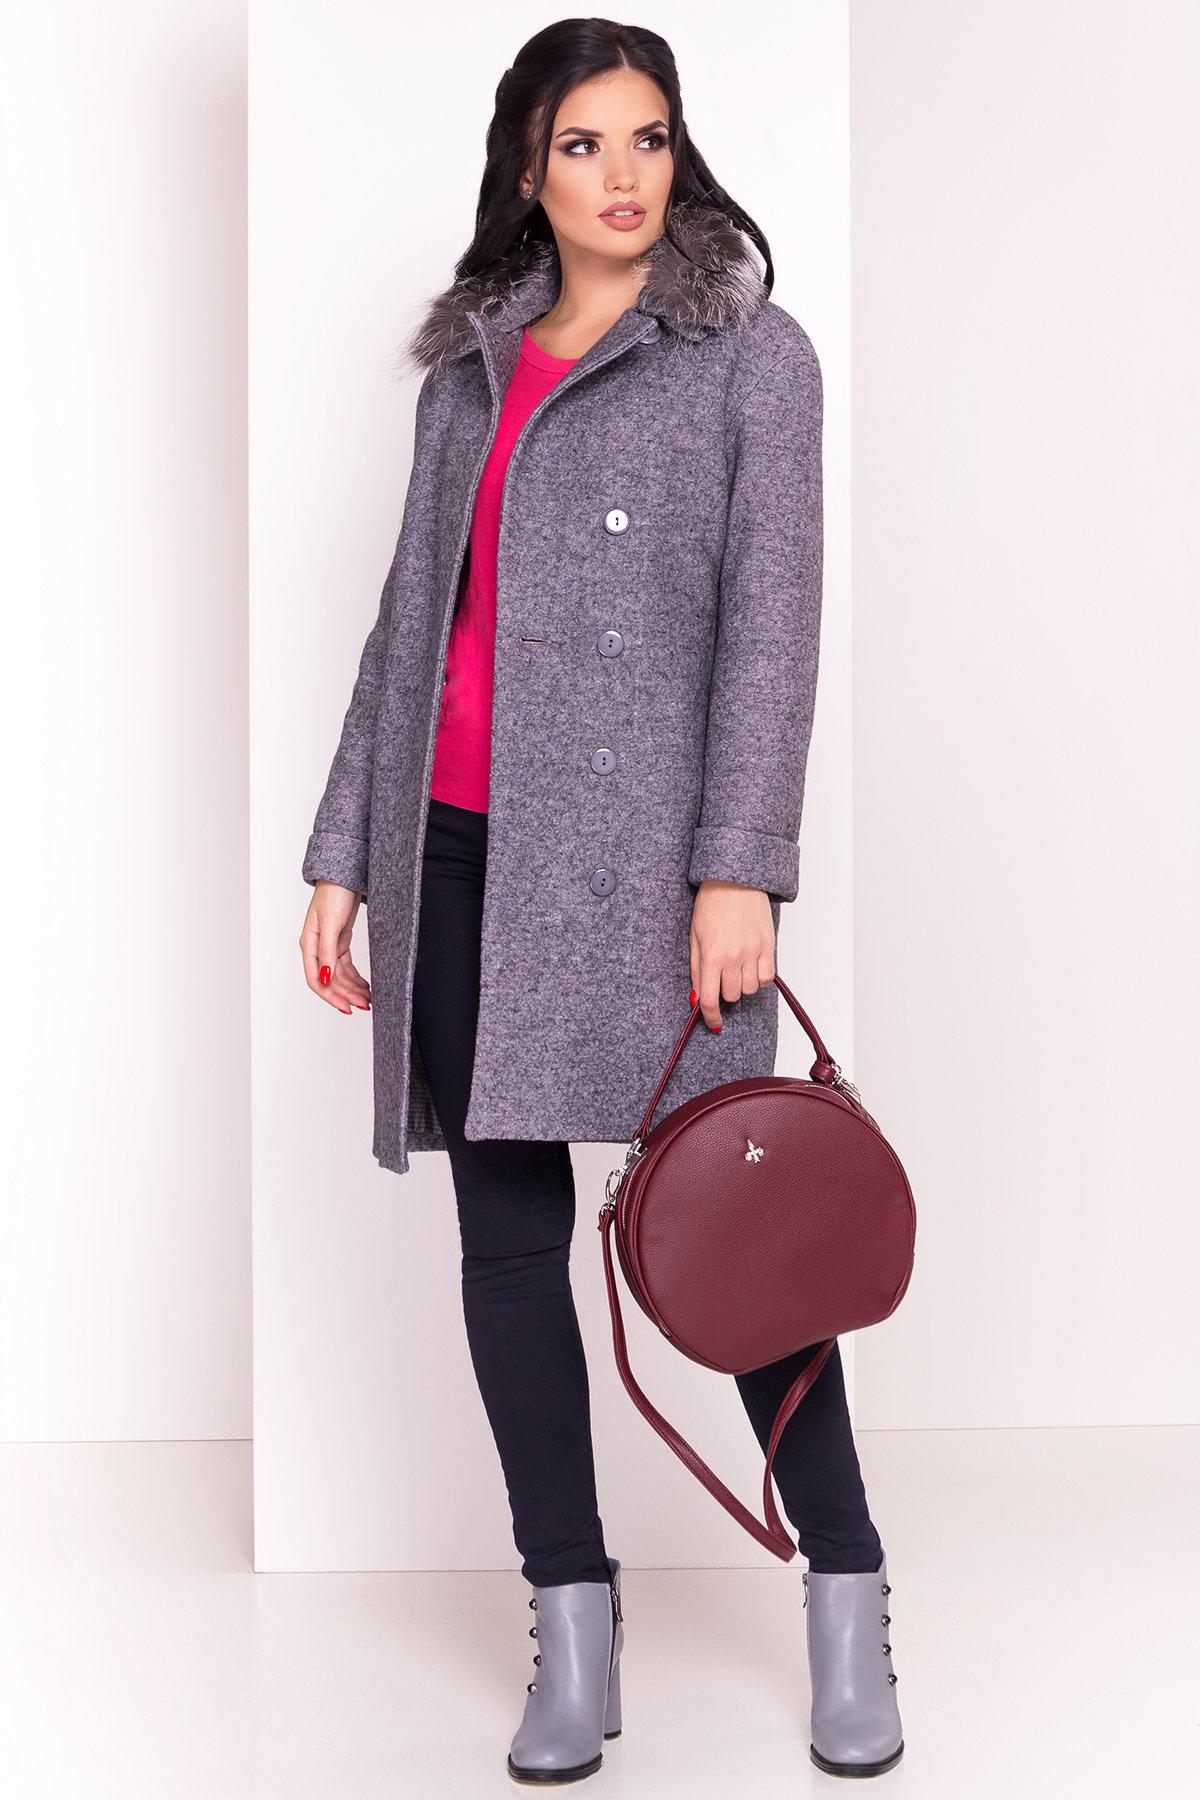 Пальто зима Приора 5427  АРТ. 36750 Цвет: Серый Темный LW-47 - фото 1, интернет магазин tm-modus.ru